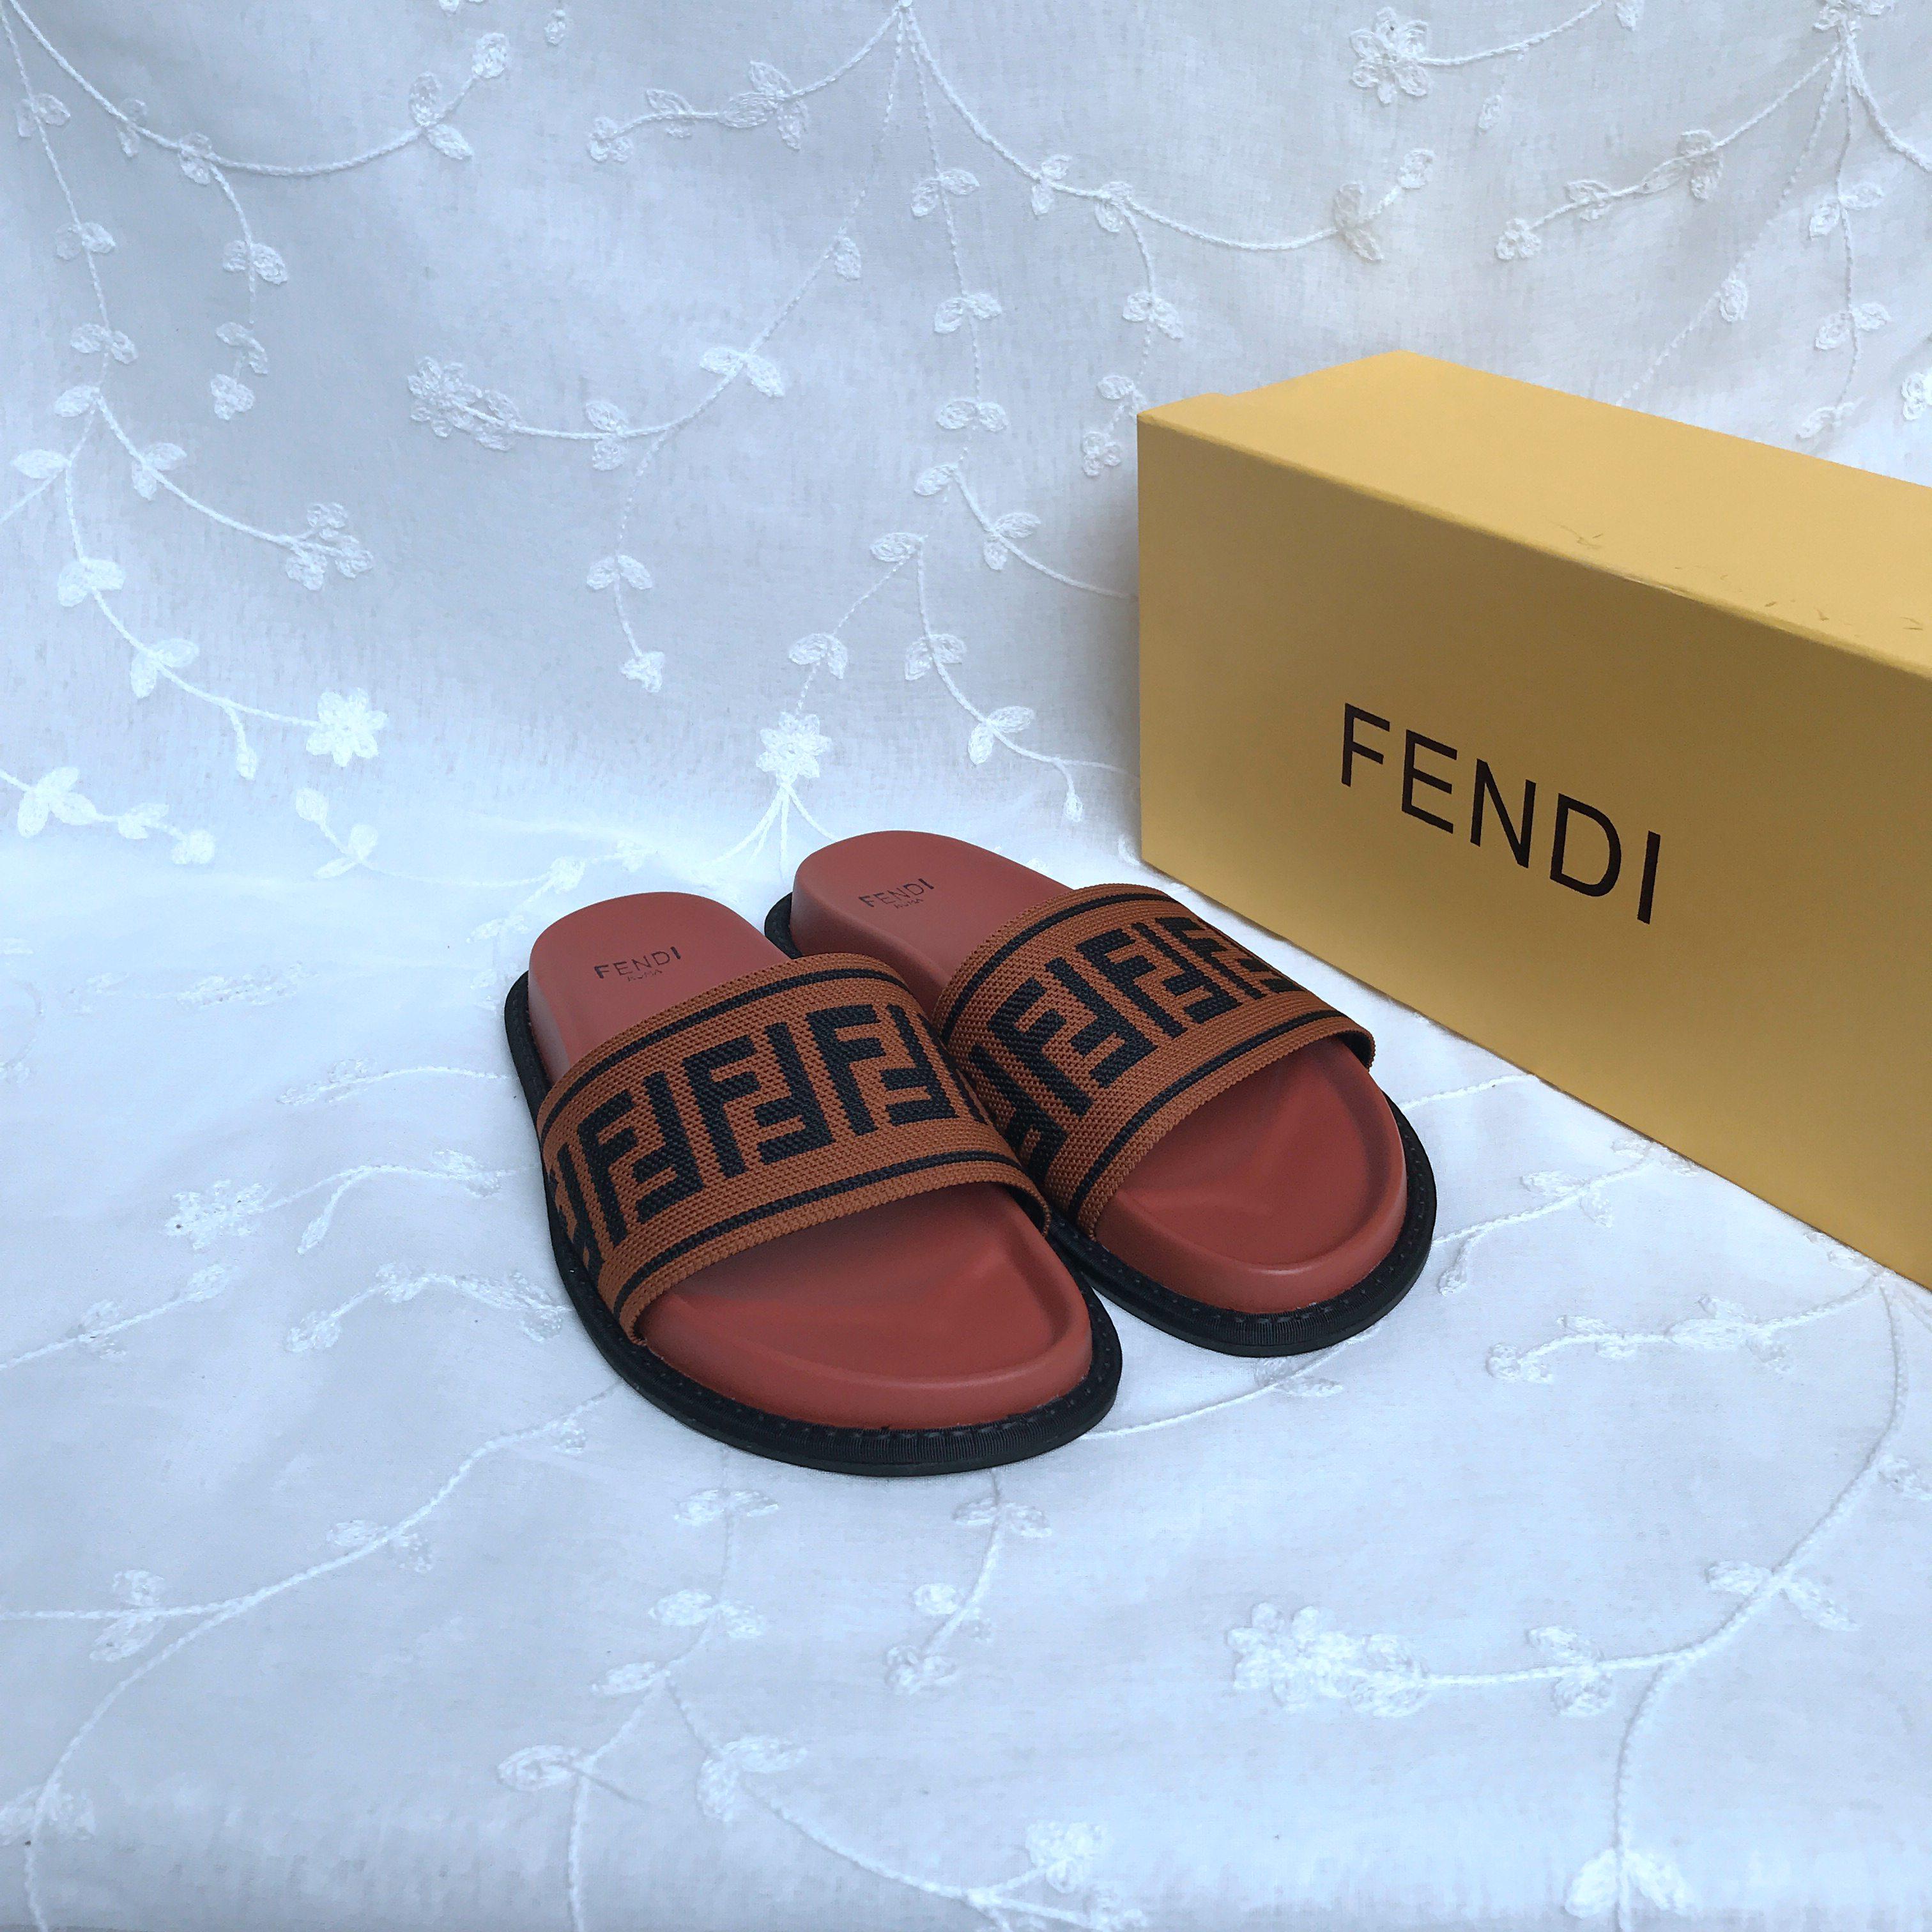 Fendi Slippers Shoes  428162